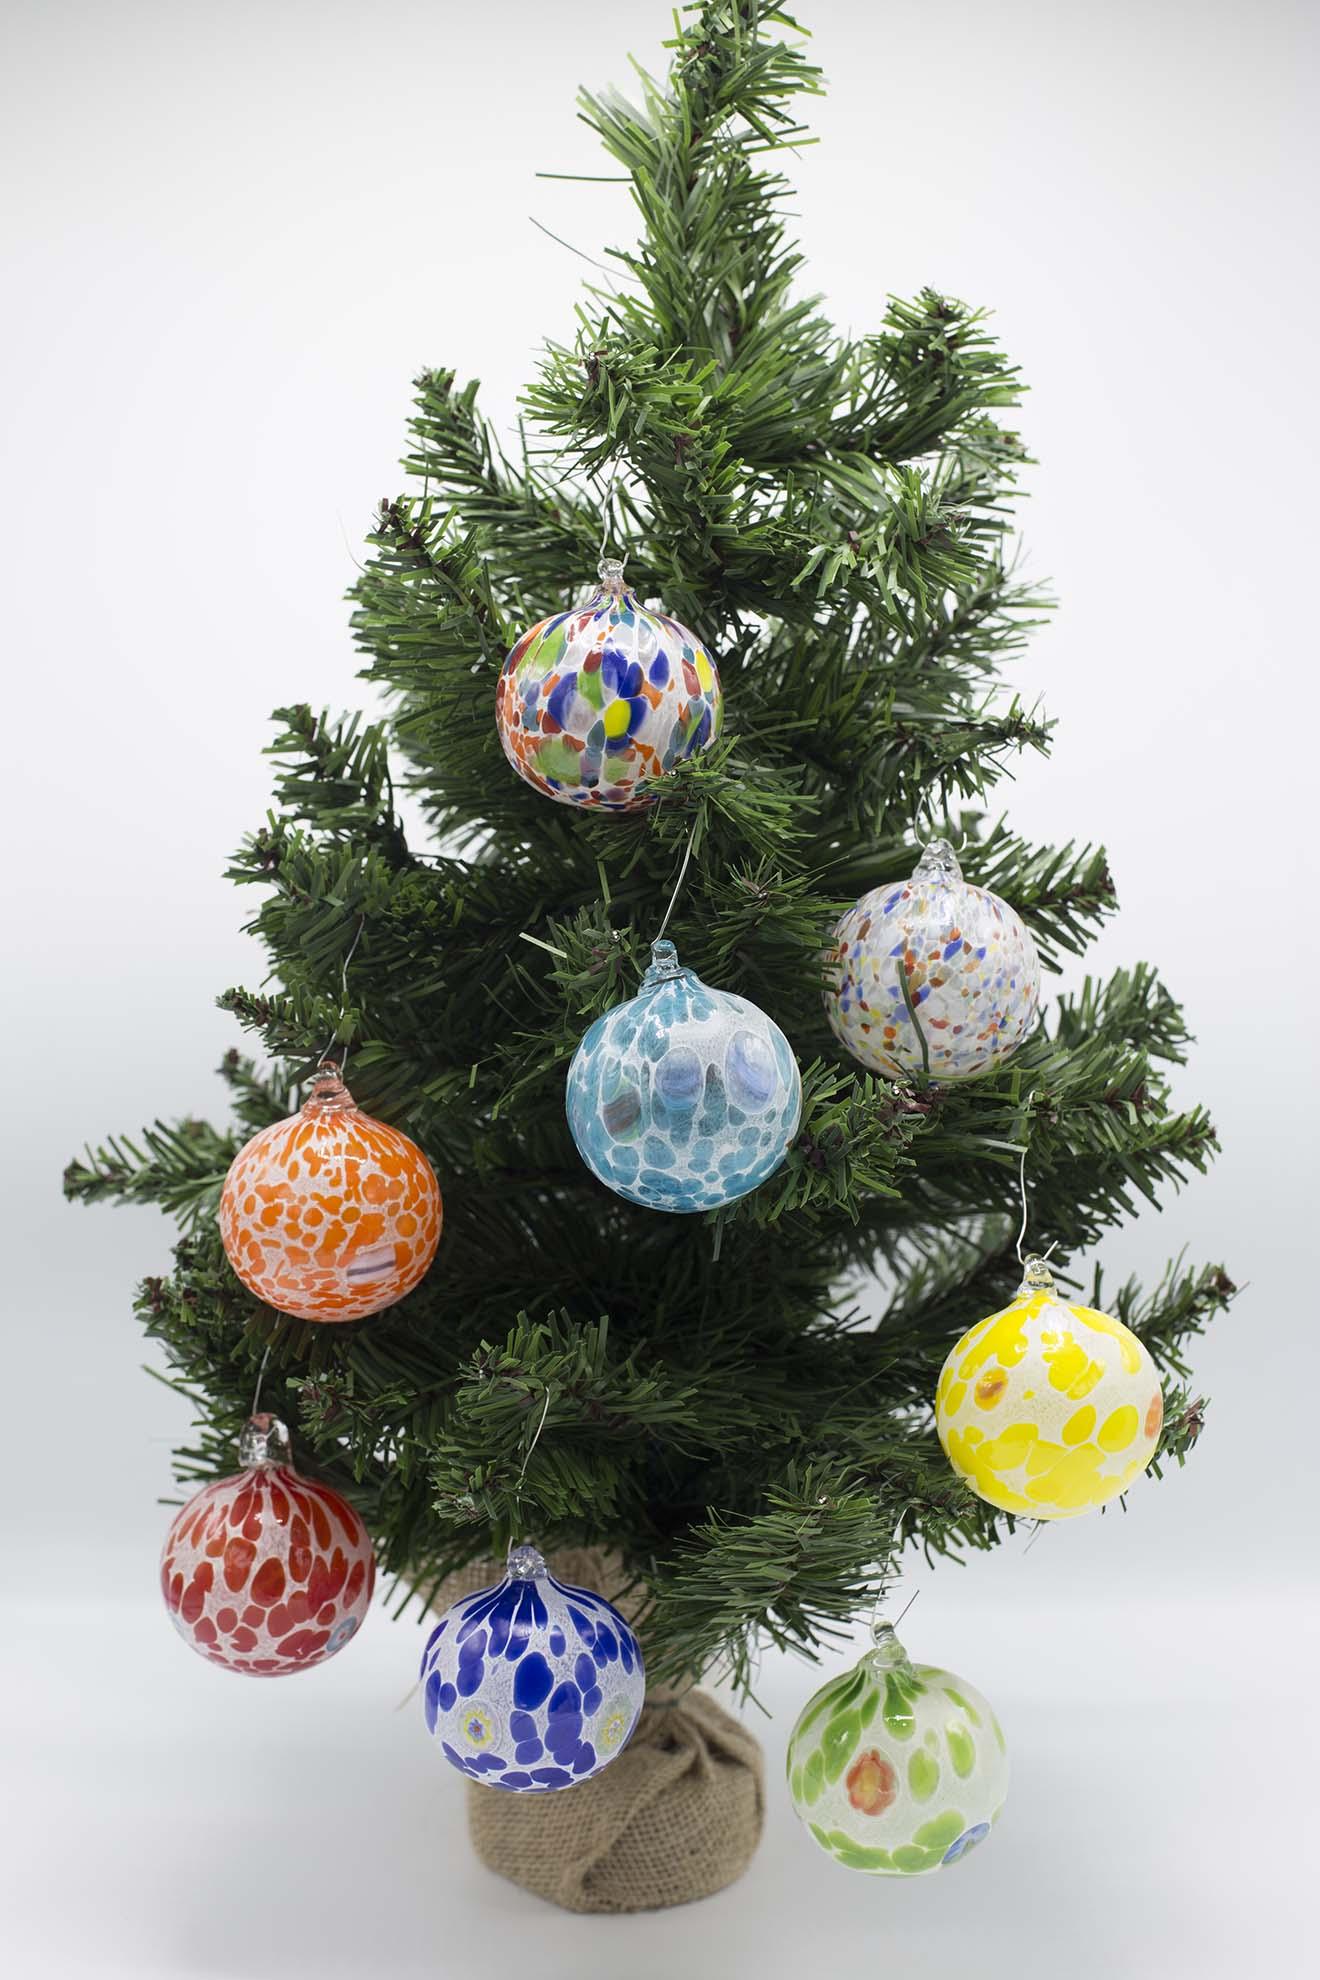 Immagini Piccole Di Natale.Set Di 6 Palline Di Natale Miste In Vetro Di Murano